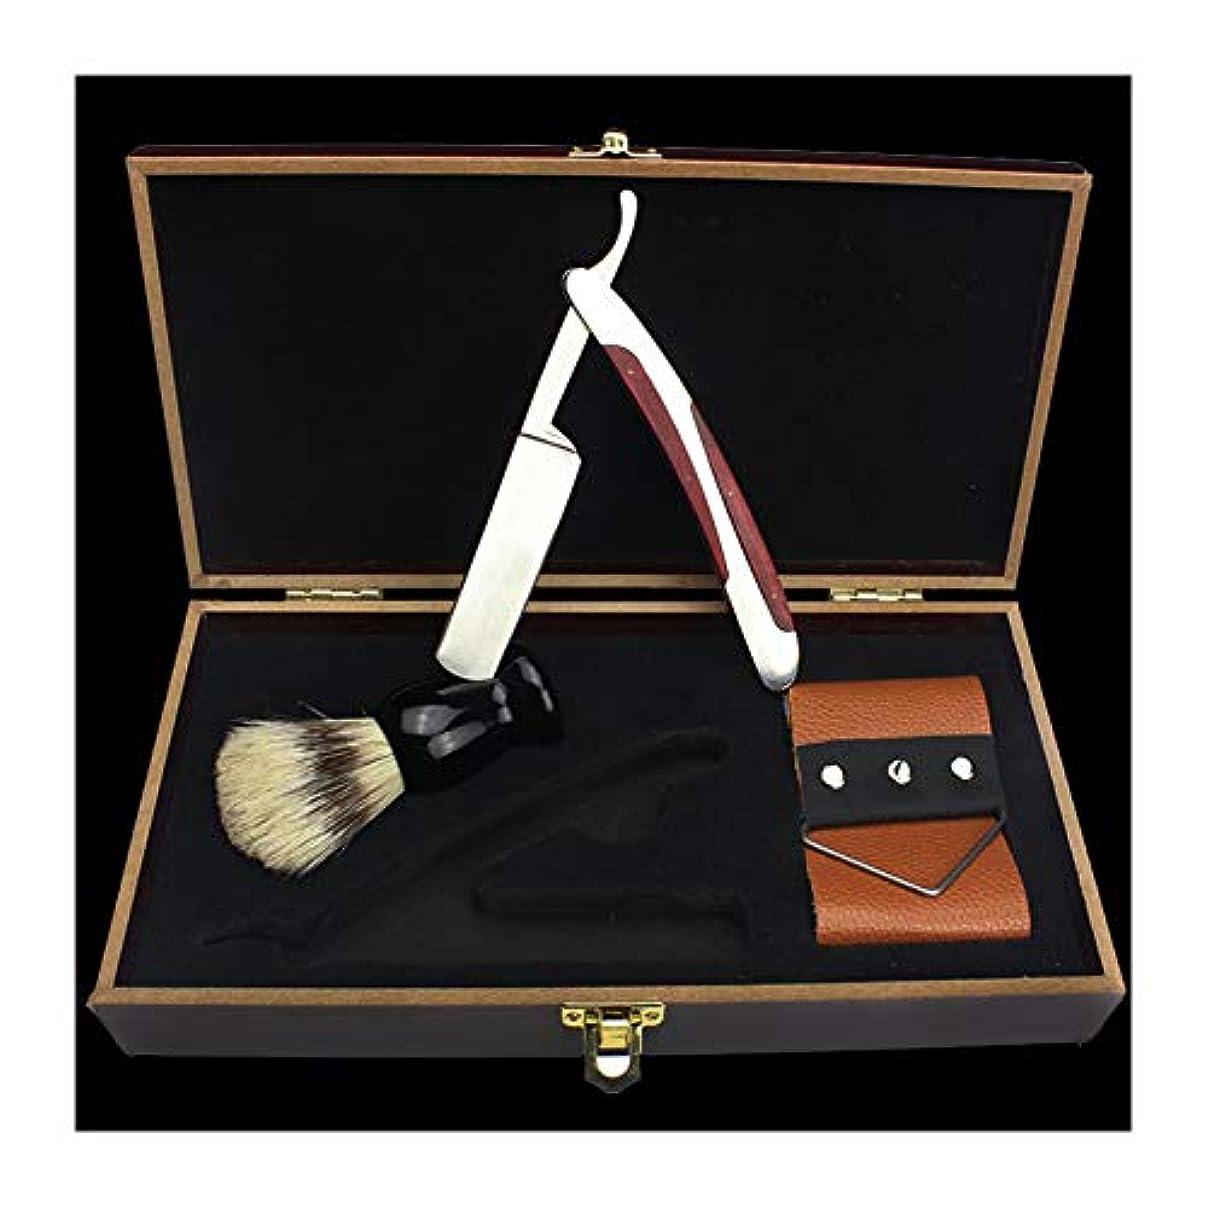 動かす里親清めるYX1086ストレートかみそりセット、理髪師かみそり、プロフェッショナルストレートかみそりシェービングキット、男性用シェービング用ハンドメイド,Red